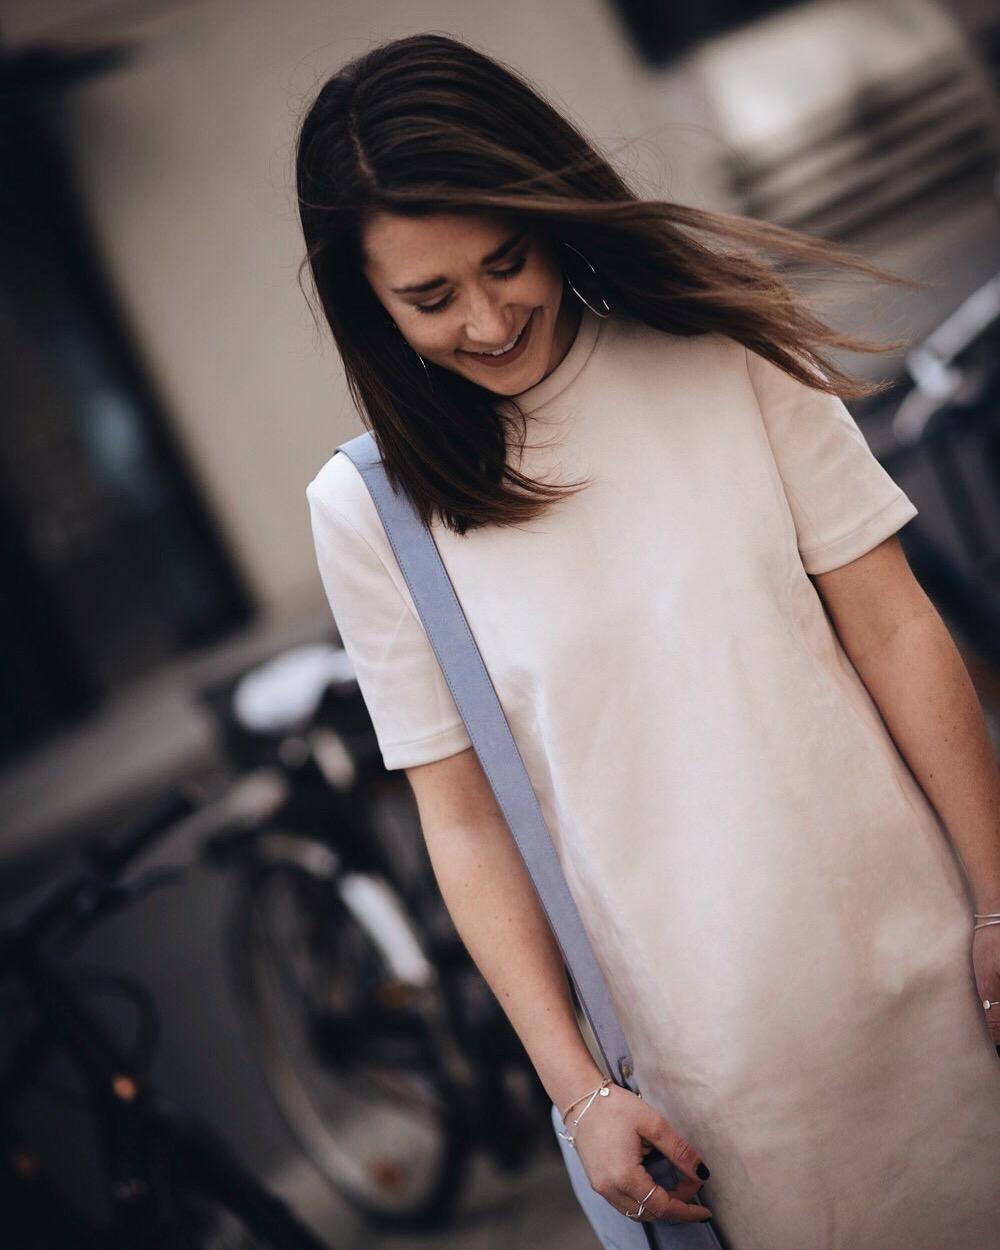 allthatchoices by Laura brodda fashionblog mainz modeblog mannheim ich mag dich beziehungen singleleben